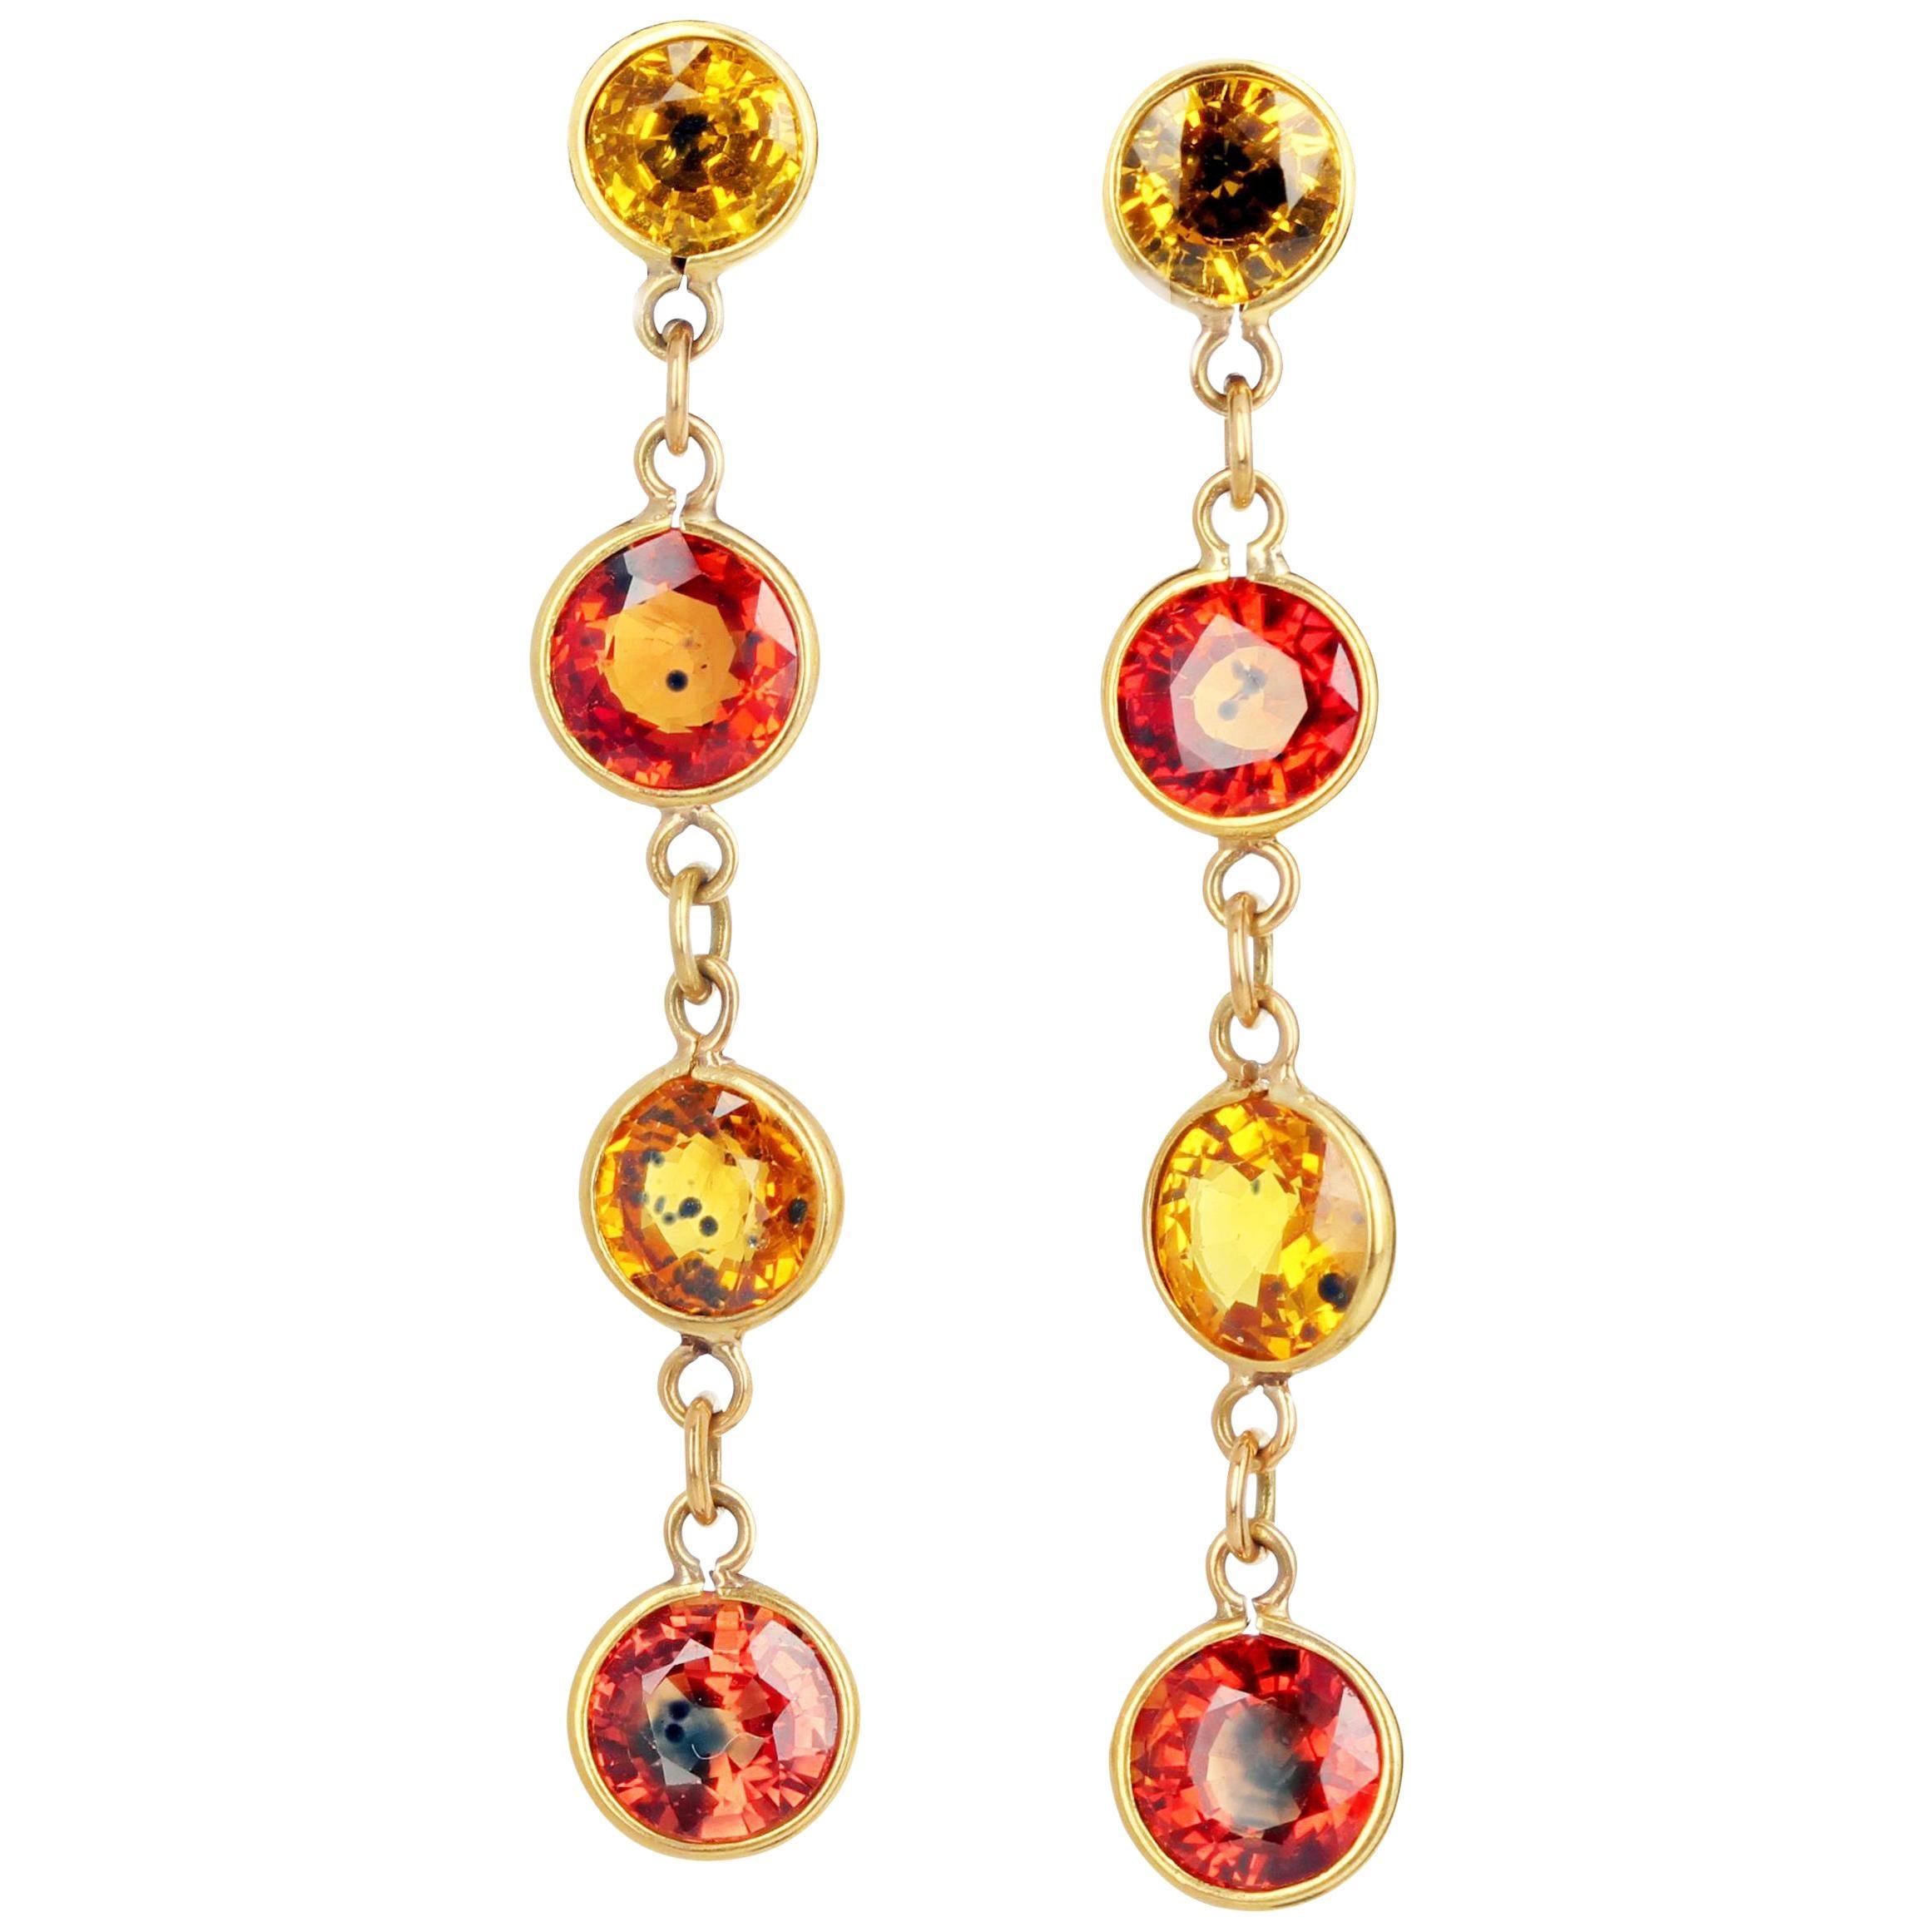 Gemjunky Songea Sapphires Dazzle in Dangling 18Kt Gold Stud Earrings